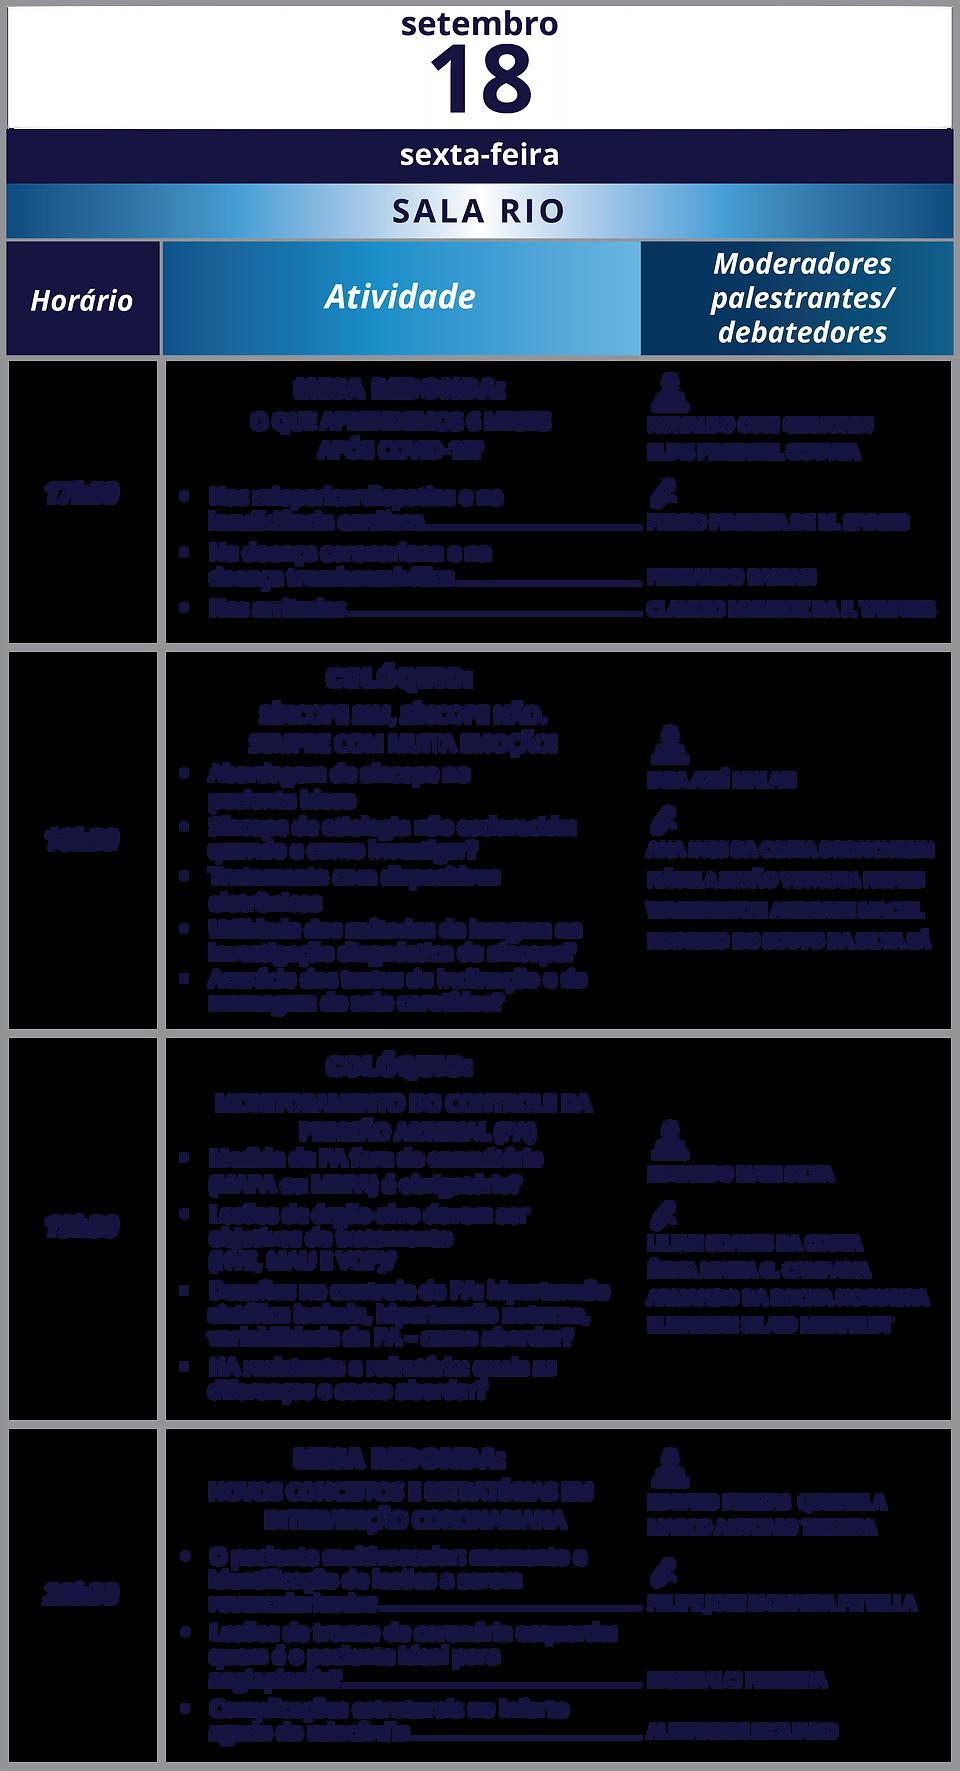 Programacao-com-palestrantes-10-09-2020-